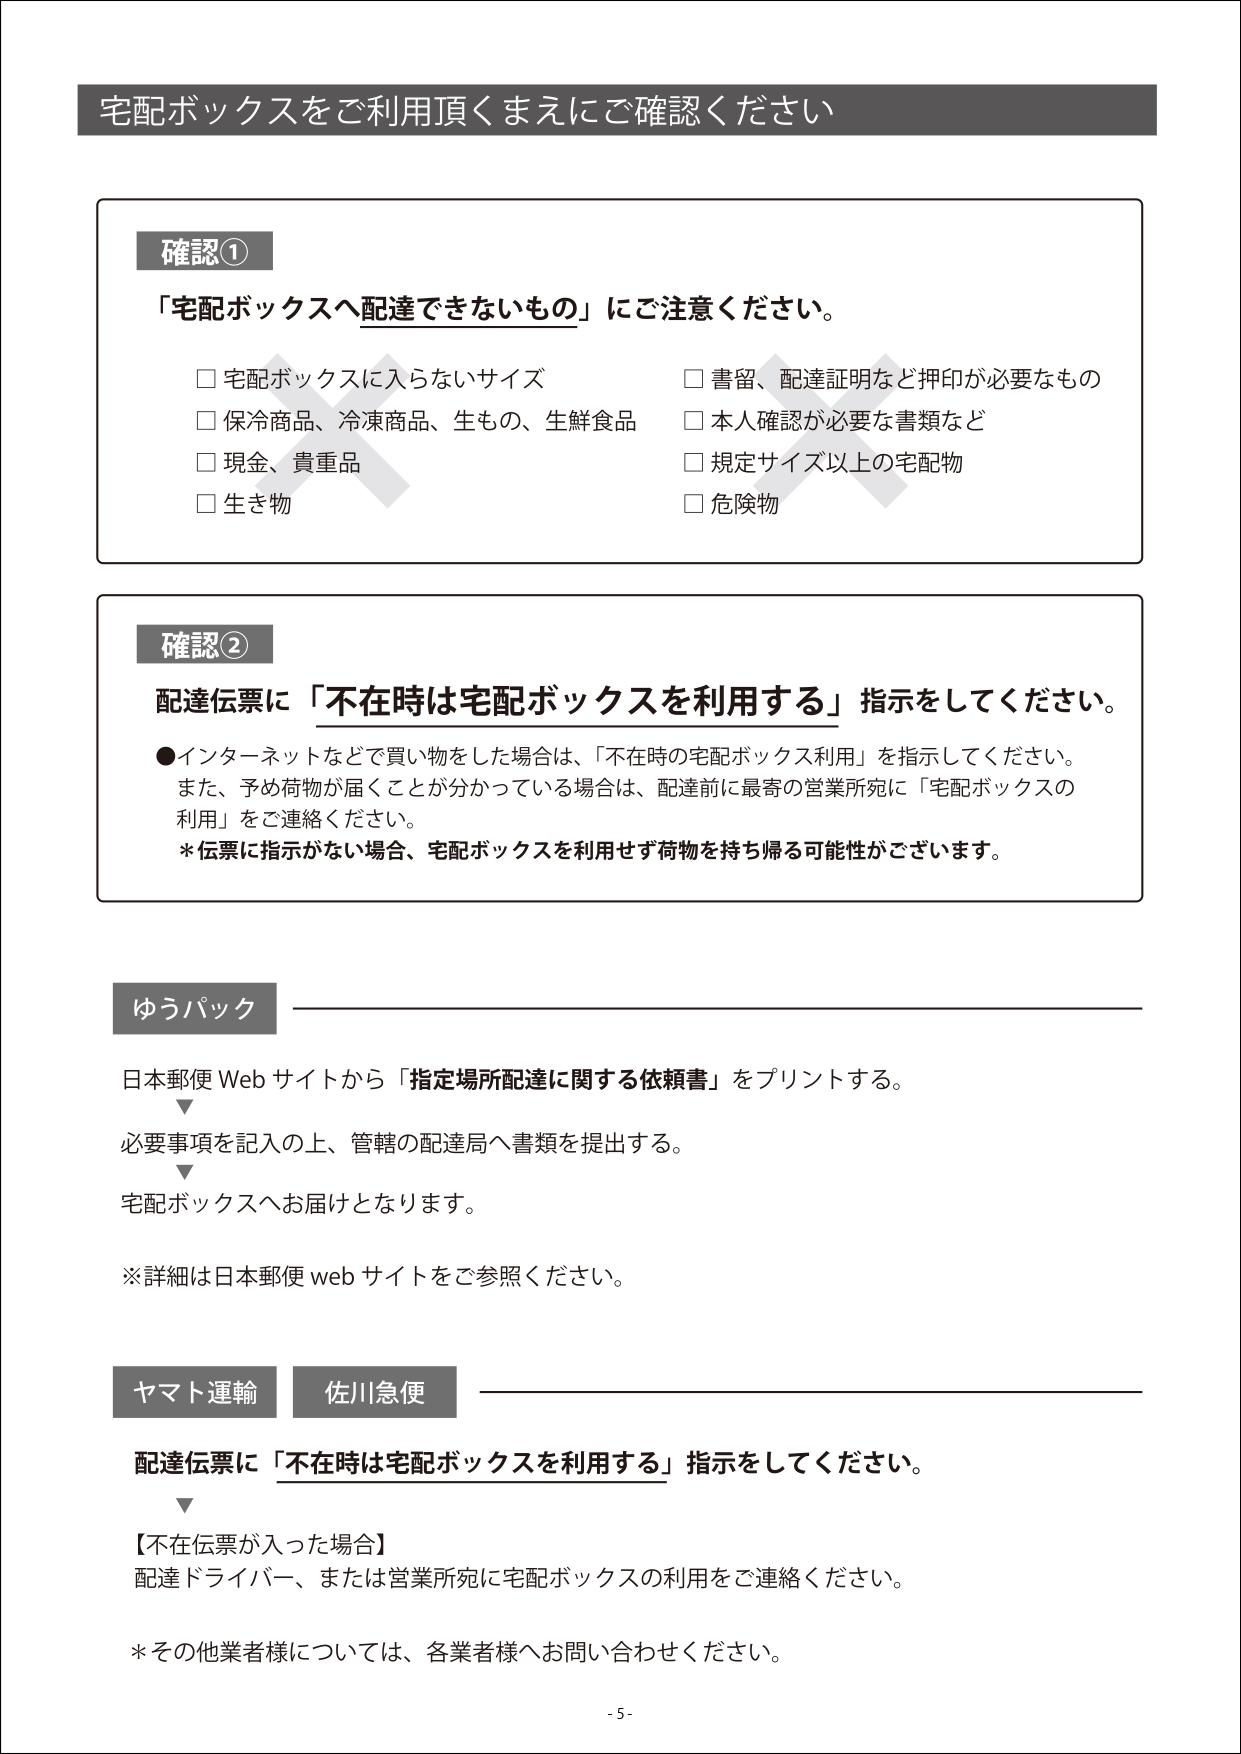 リピットDB_取扱説明書_page-0005